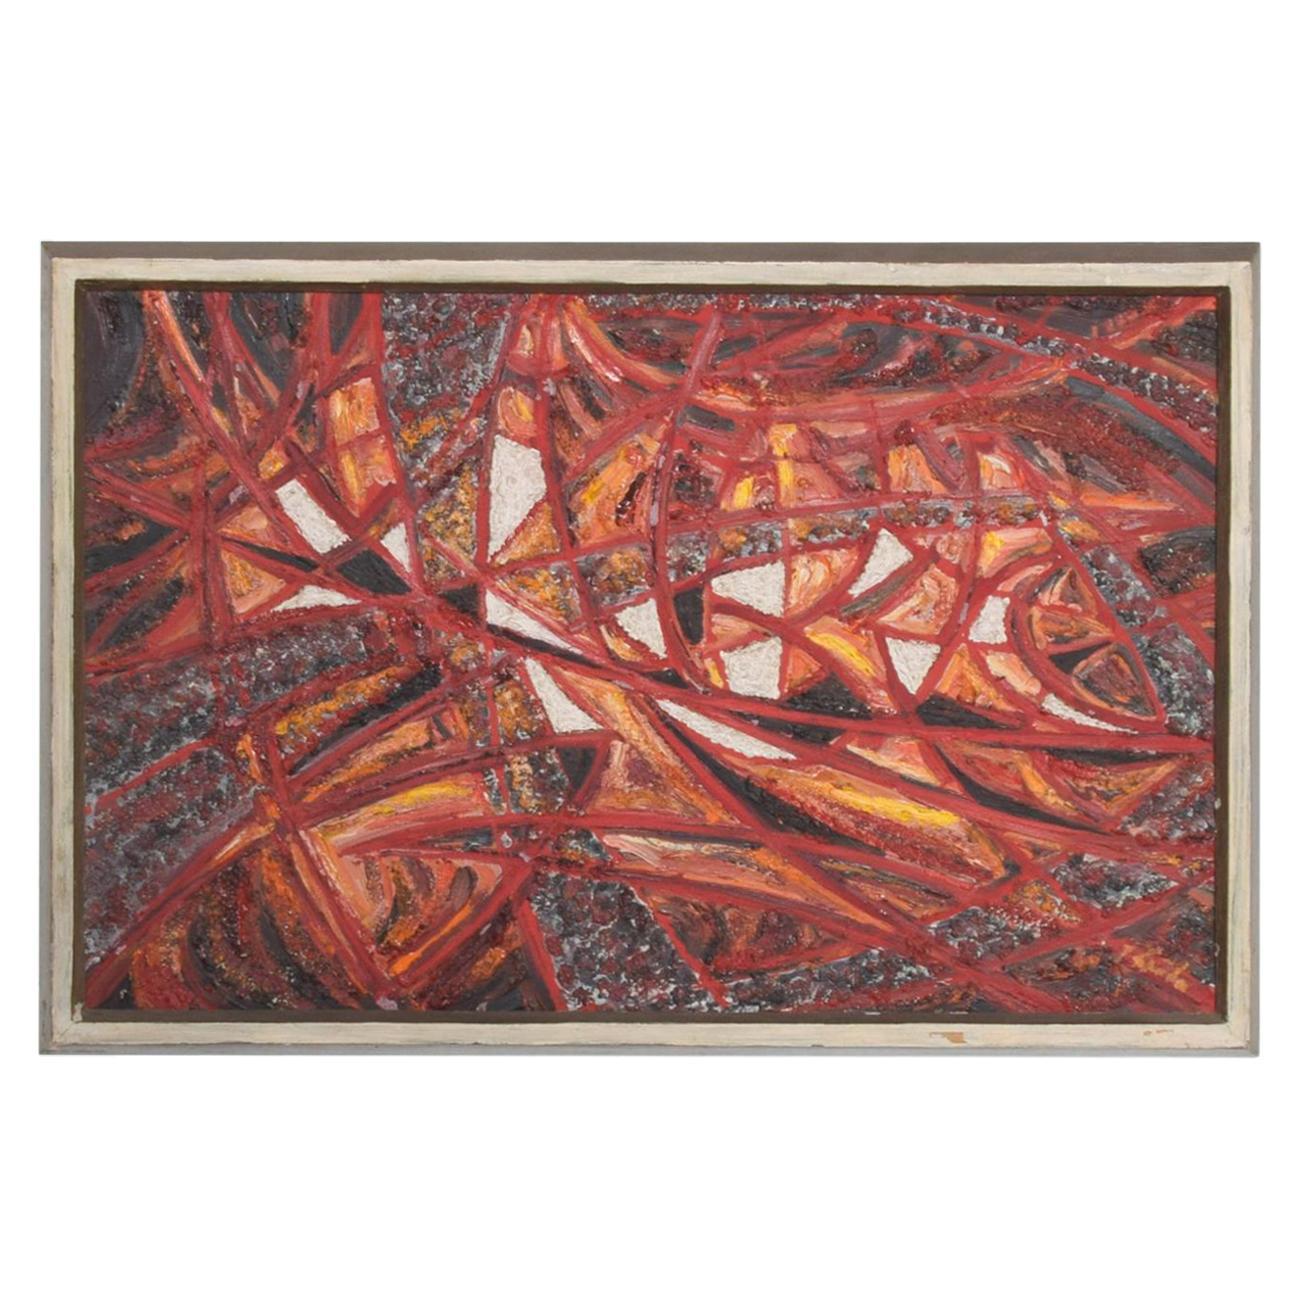 Mid-Century Modern Abstract European Oil on Canvas Painting, 1966